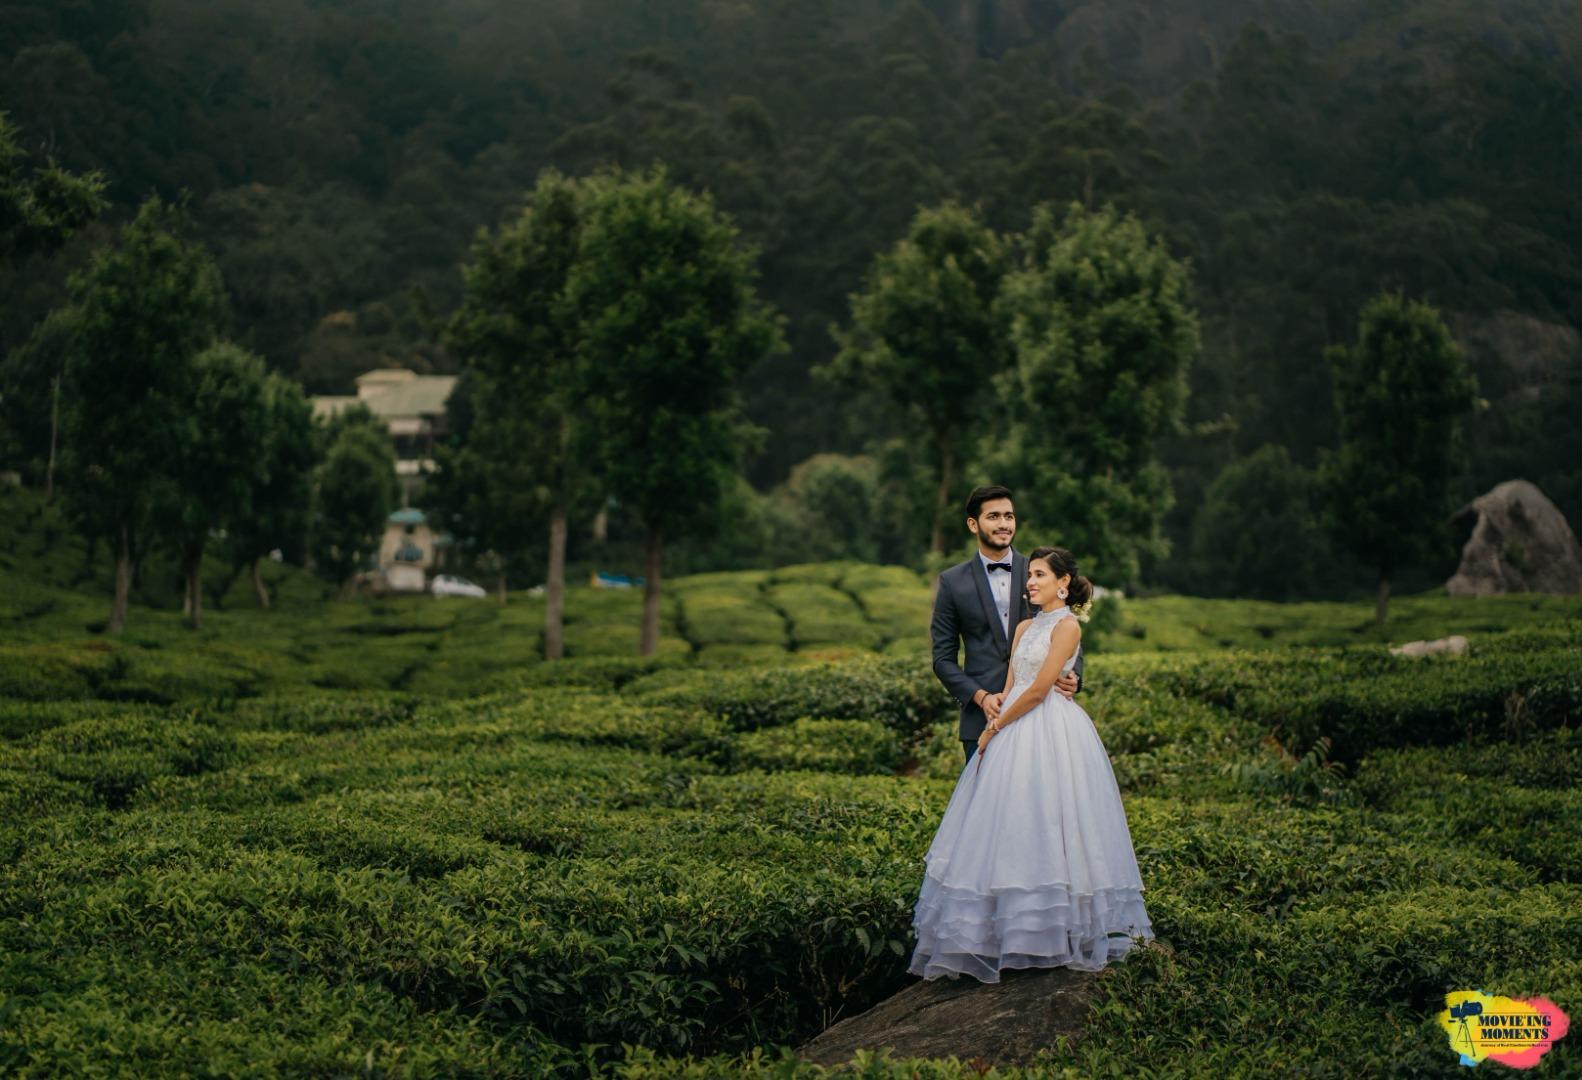 aesthetic pre wedding shoot in a lush garden